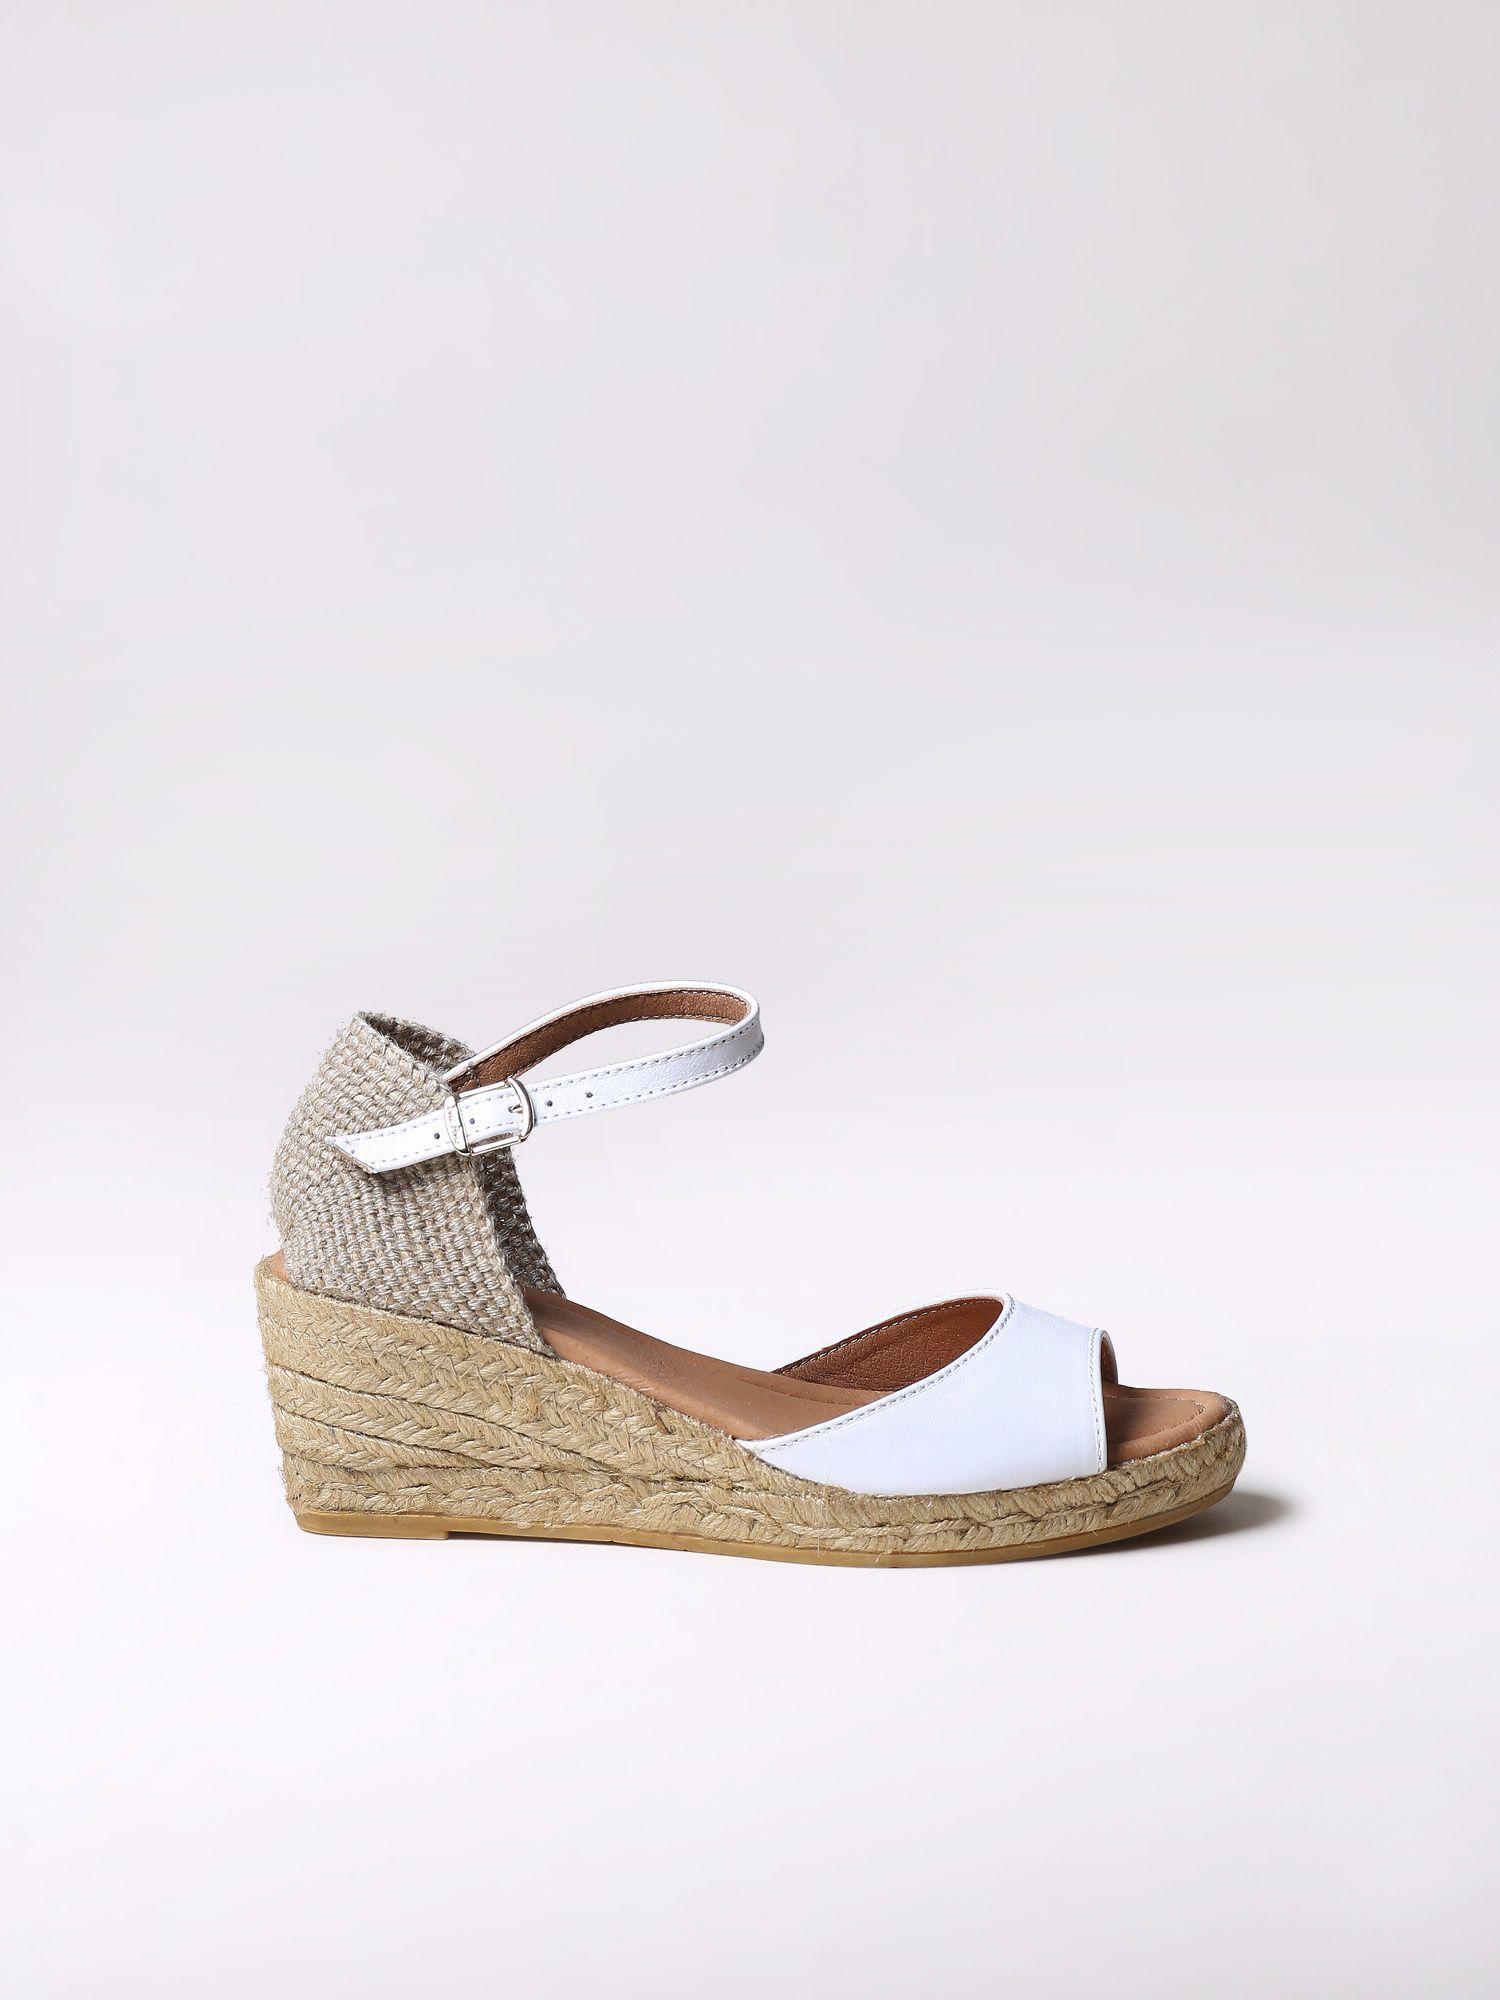 Mid heel sandals - LLIVIA-P